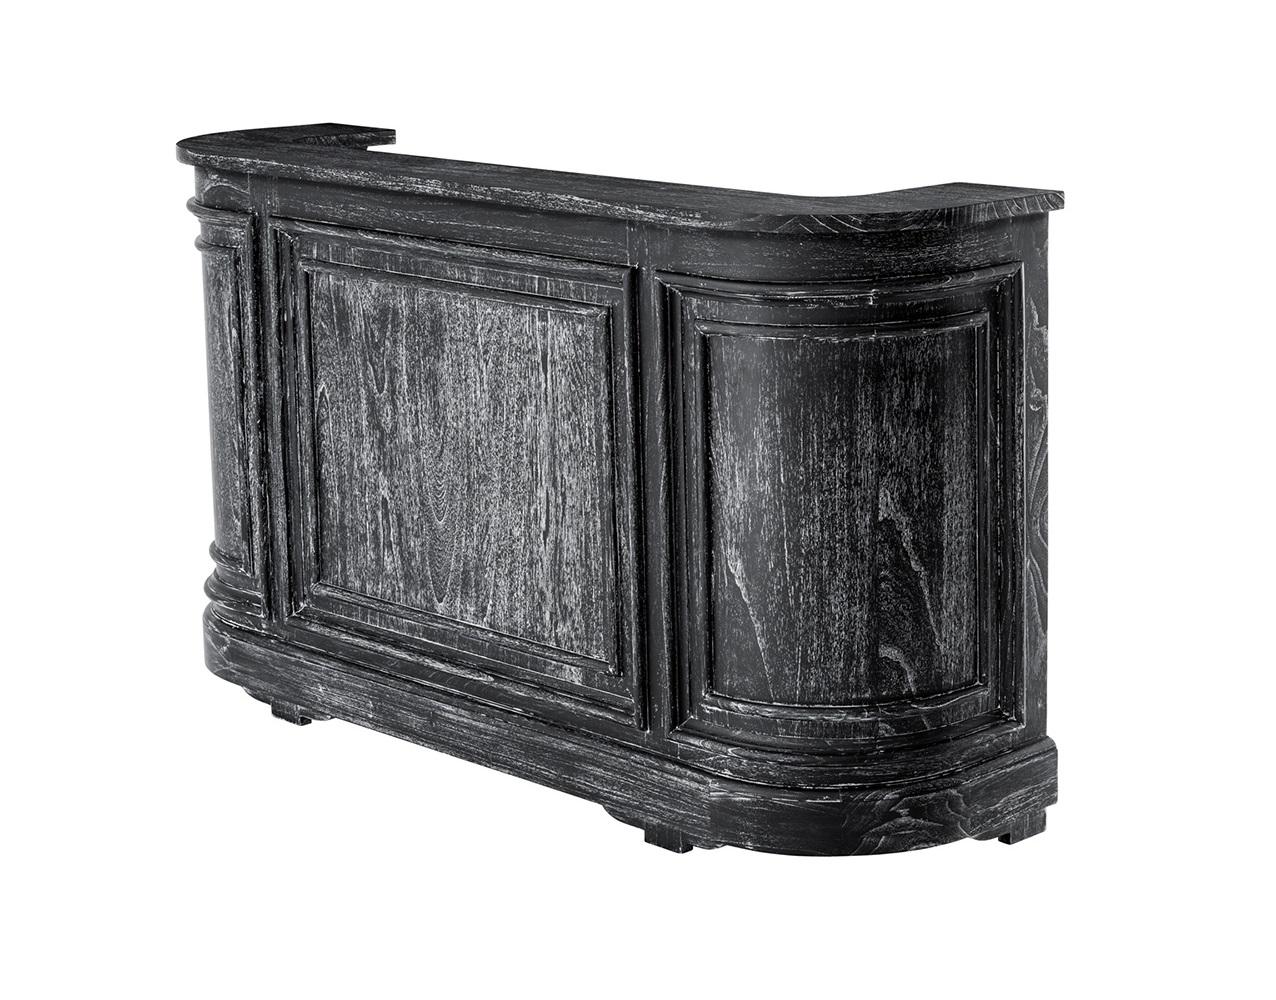 Барная стойкаБарные столы<br>Барная стойка Bar Unit Bramante выполнена из дерева черного цвета с эффектом состаривания. Внутри расположены полки.<br><br>Material: Дерево<br>Ширина см: 90<br>Высота см: 101<br>Глубина см: 50